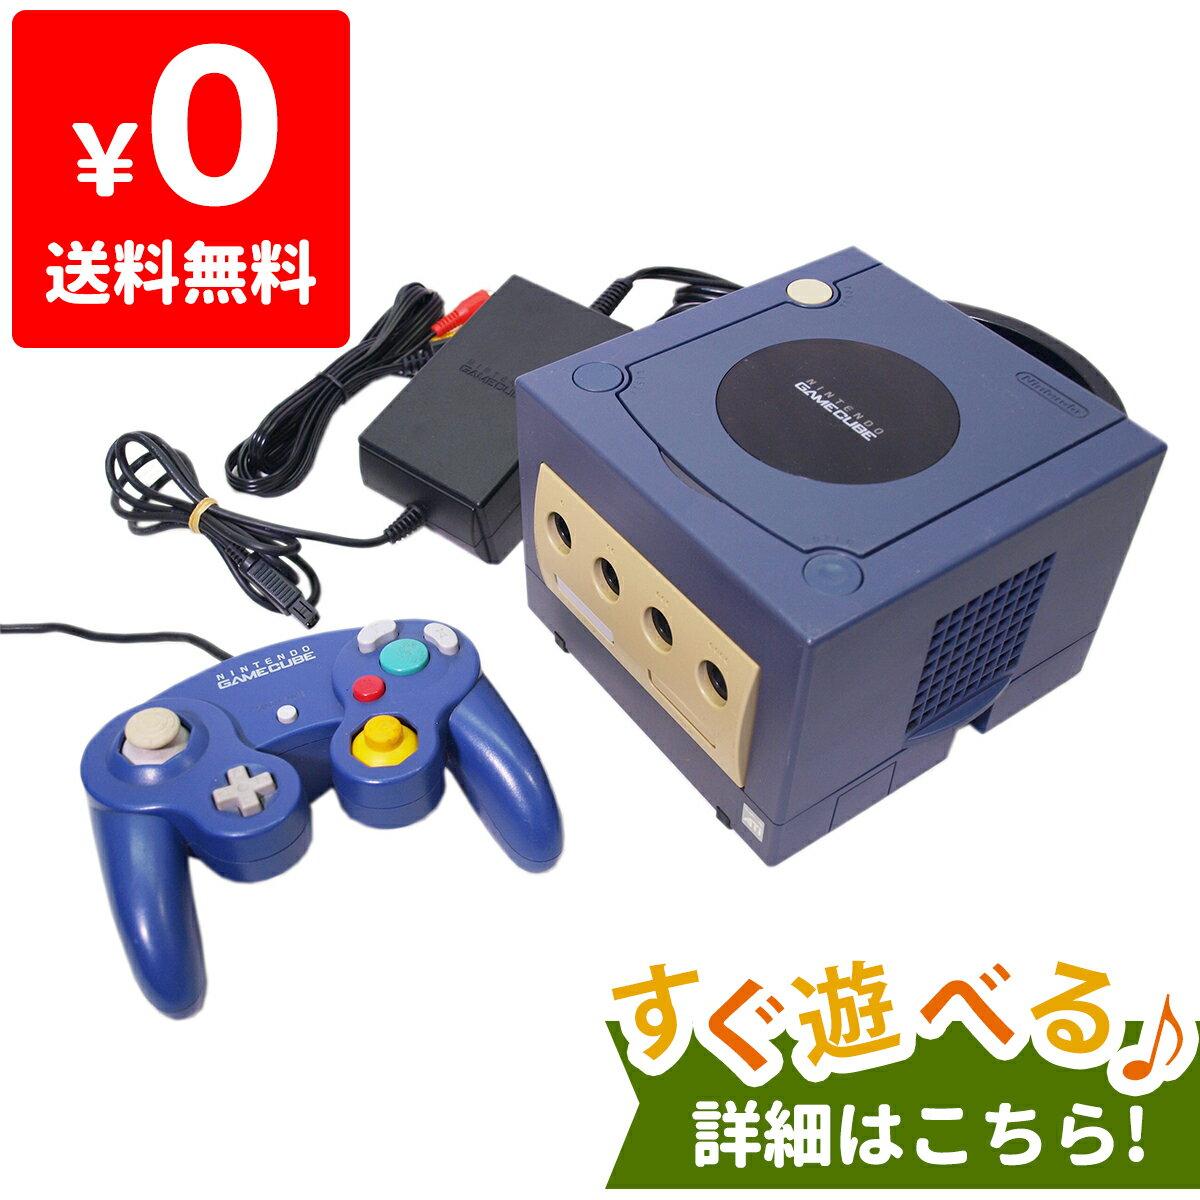 ゲームキューブ GC GAMECUBE 本体 バイオレット ニンテンドー 任天堂 Nintendo 中古 すぐに遊べるセット 4902370505542 送料無料